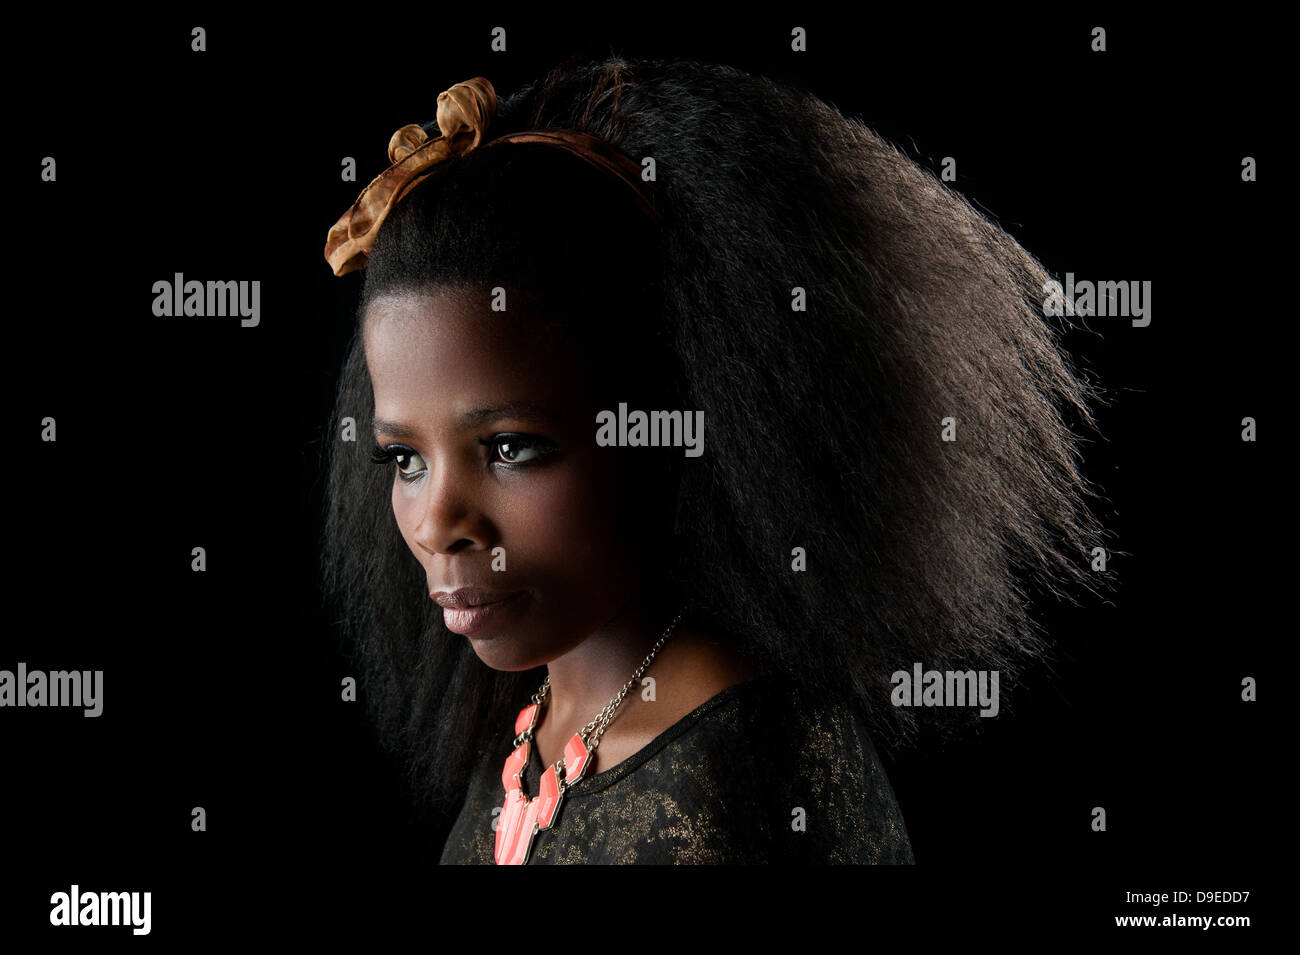 Junge afrikanische Frau mit schönen Afro-Haar, ein niedriger wichtige Hintergrund-Studio gedreht. Dramatische Stockbild